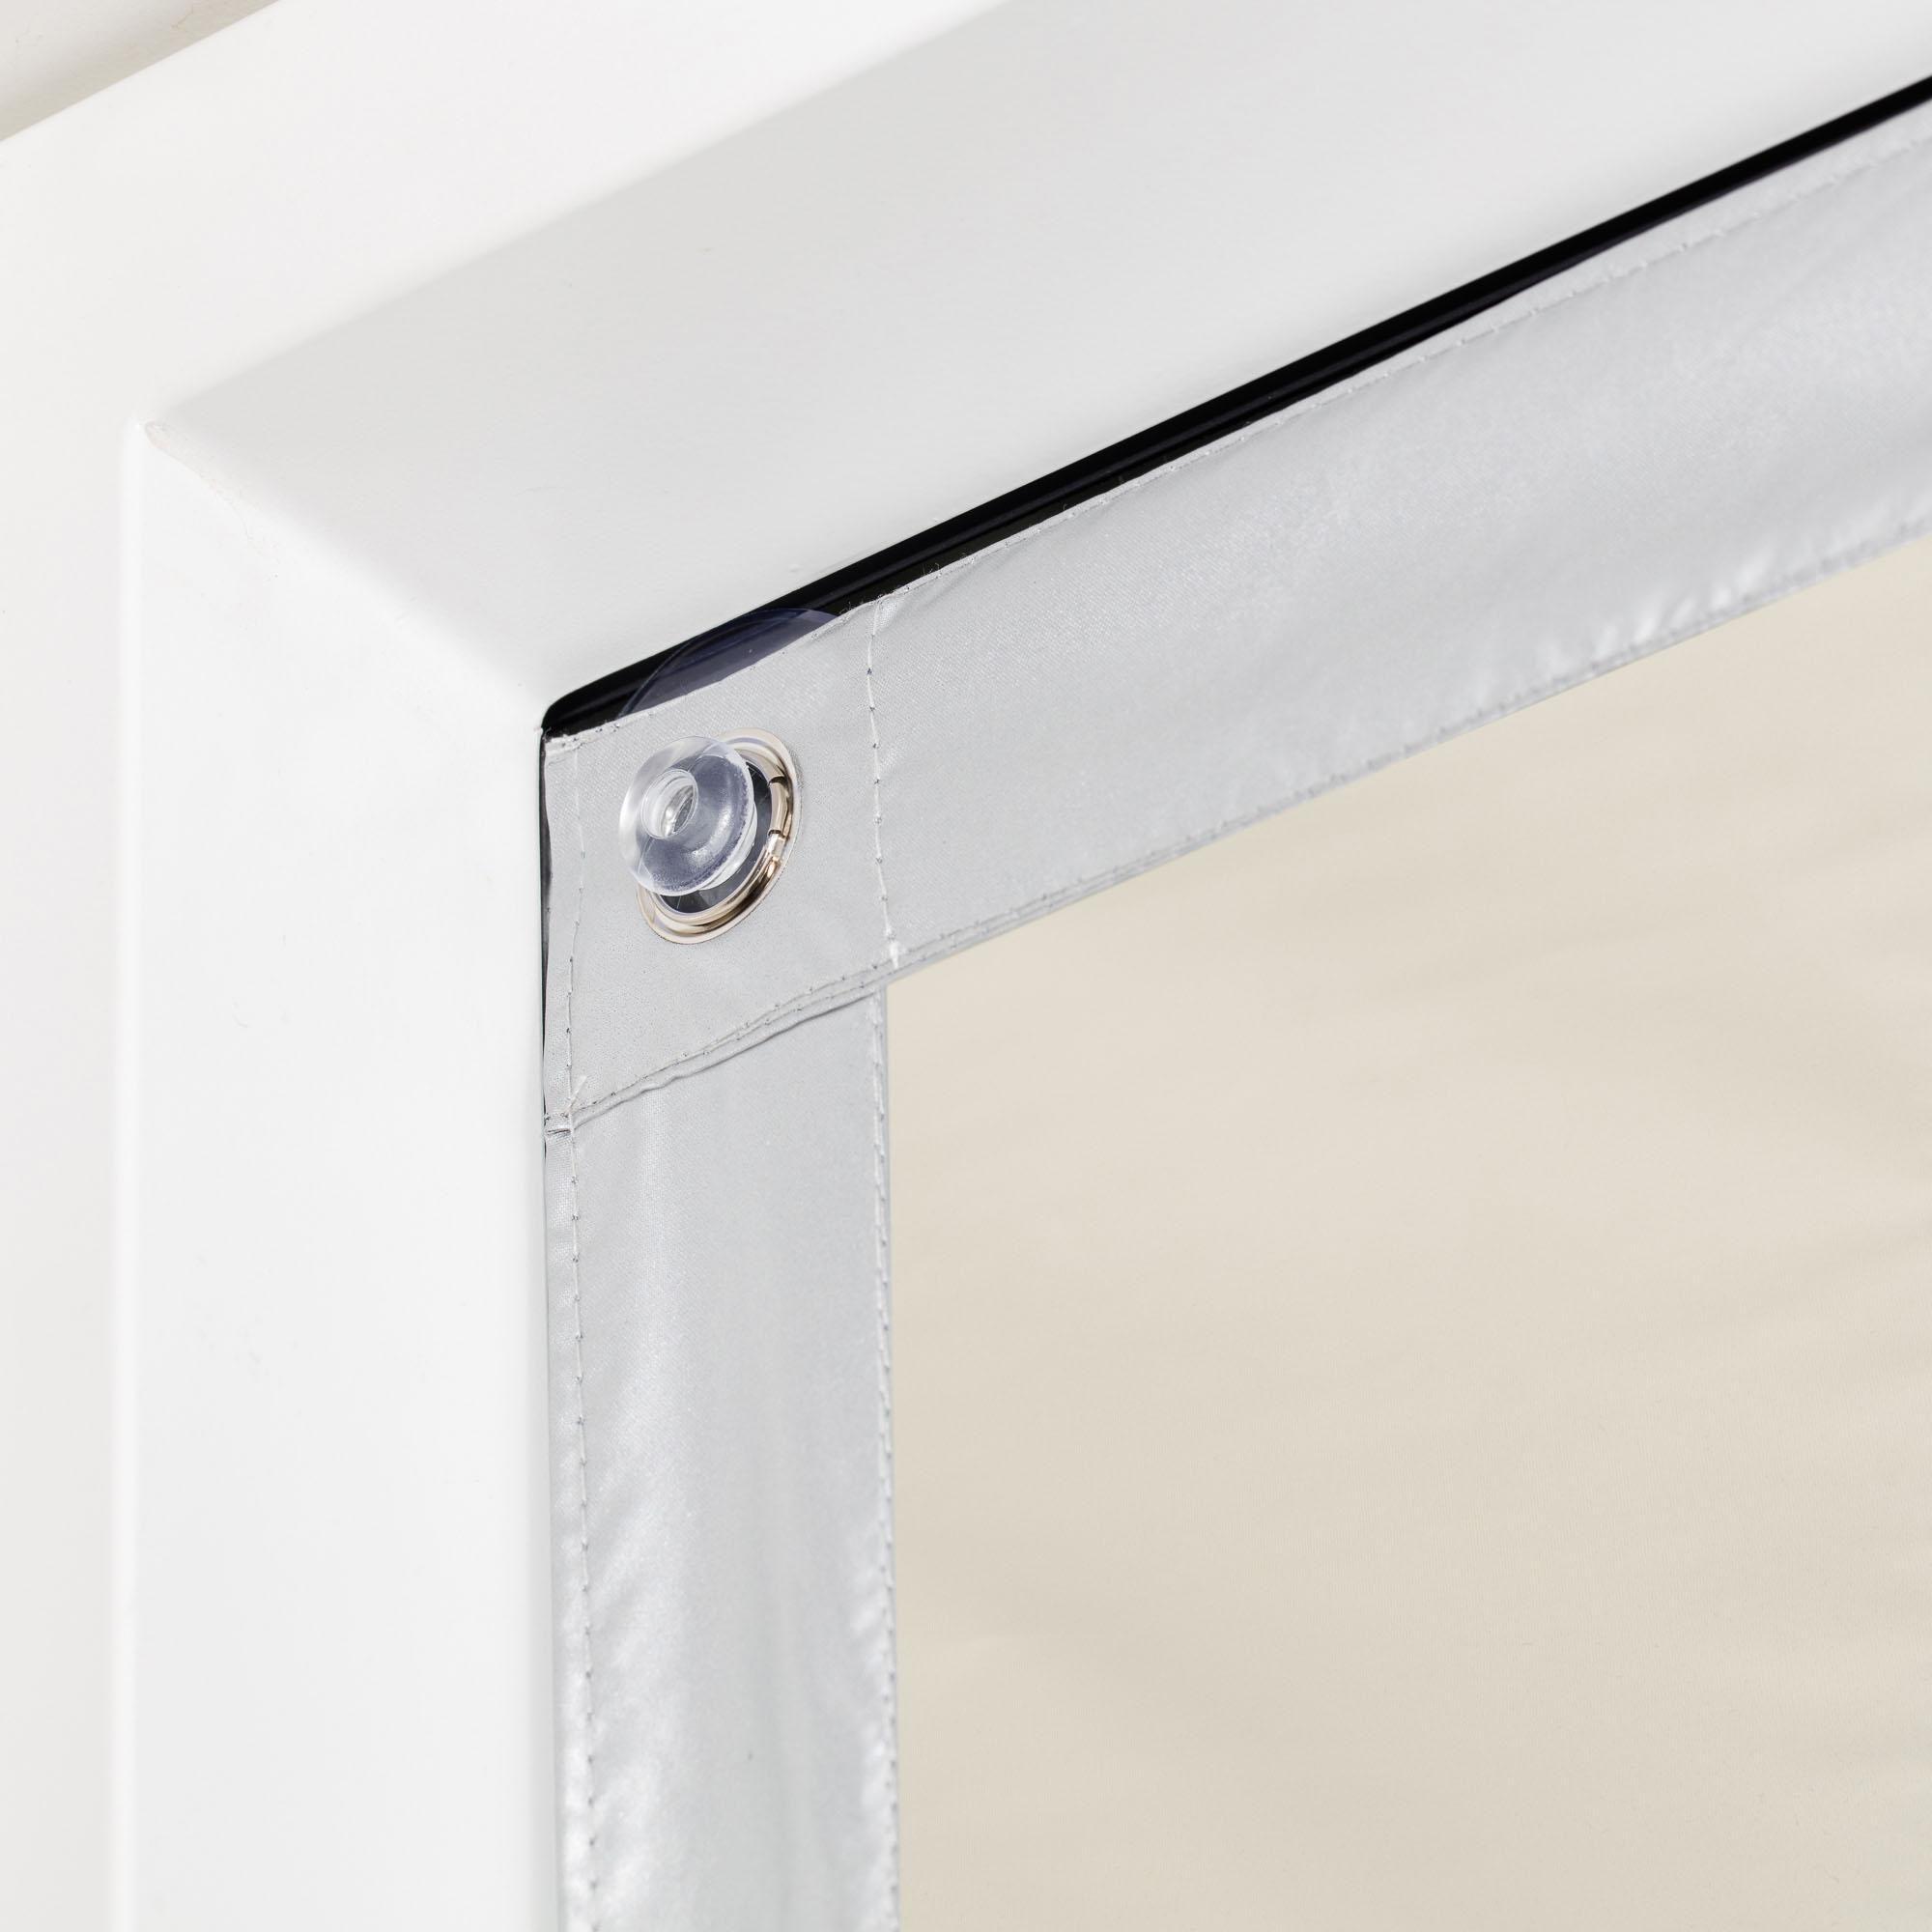 Hitzeschutz, Verdunkelung & Isolierung in Einem: Sonnenschutz von Lichtblick.: Der Haftfix Thermo Sonnenschutz für Dachfenster sorgt für angenehme und gleichbleibende Raumtemperaturen, da er eindringende Sonnenstrahlen durch die rückseitige Silberbeschichtung reflektiert und zusätzlich eine Wärme- und Kältebarriere schafft, die die warme Raumluft im Winter nicht in Kontakt mit der kalten Fensterscheibe bringt. Dieser Hitzeschutz mit Thermofunktion ist einfach und schnell durch die beiliegenden K